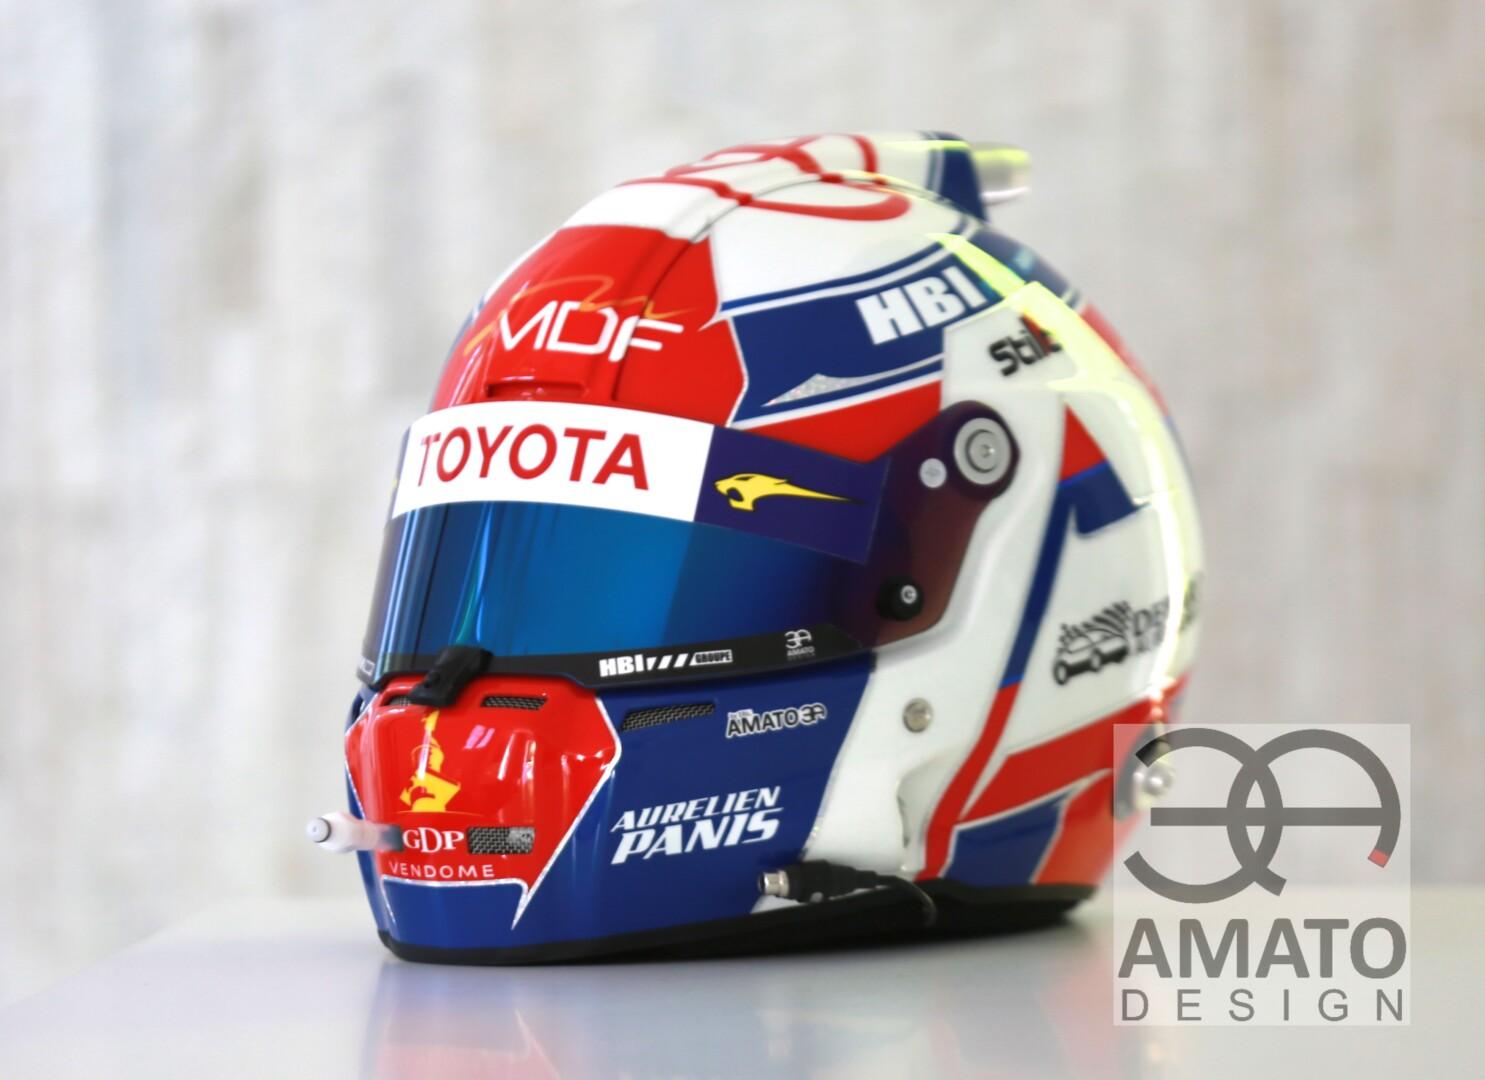 Casque conçu et réalisé par AMATO DESIGN pour Aurélien Panis, coureur TOYOTA pour le FFSA GT4 France.